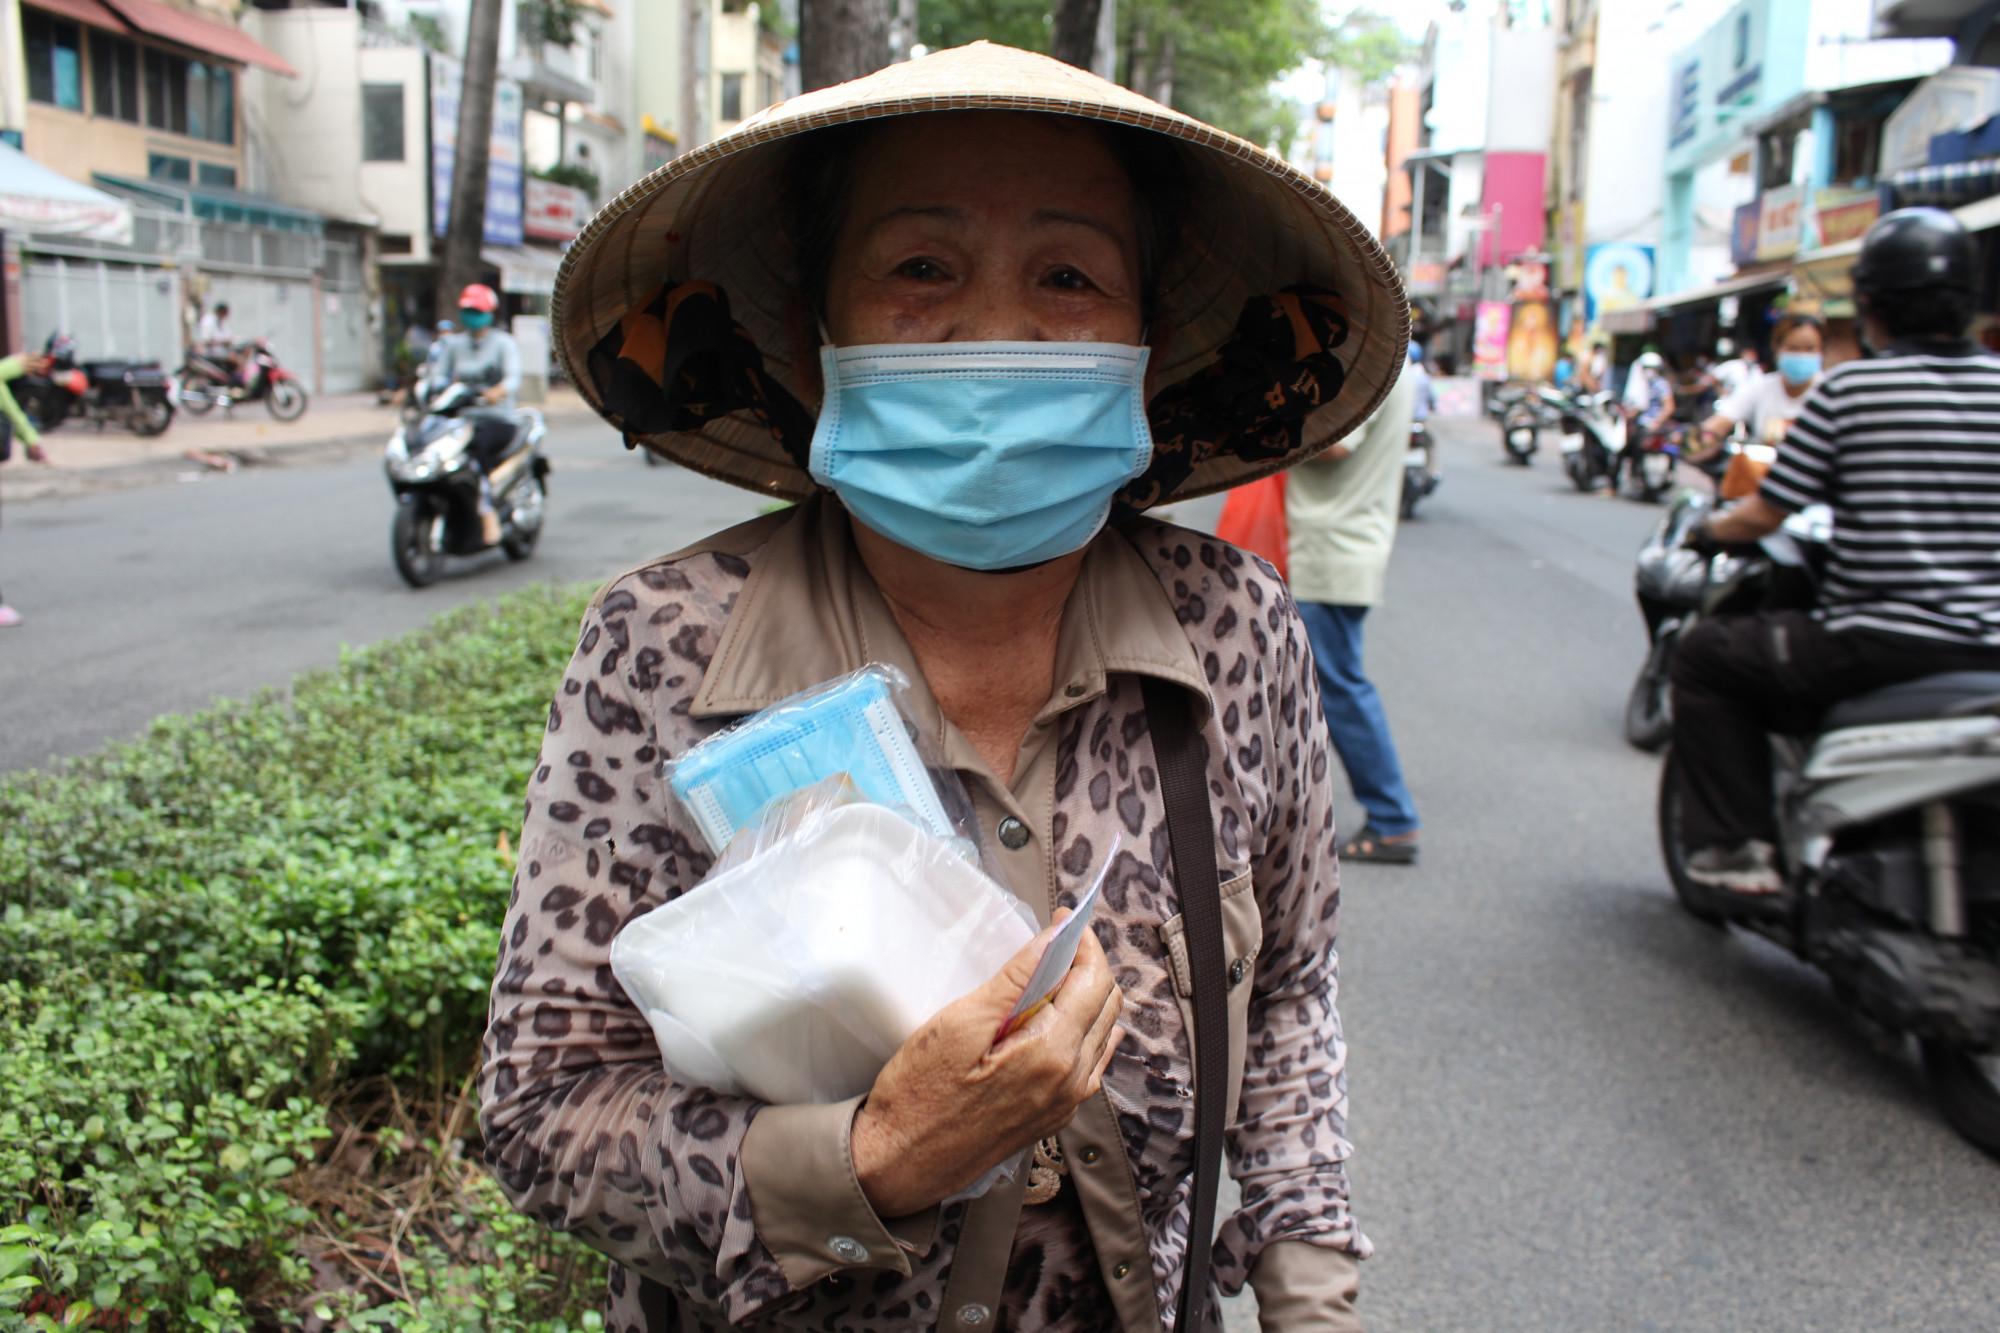 Bà Nguyễn Thị Ngọc Trâm, 74 tuổi, tạm trú quận 8, TP.HCM, làm nghề bán vé số đến nhận cơm từ thiện tại số 96 Nguyễn Chí Thanh. Mỗi ngày, bà Trâm đều đến nhận cơm, còn tiền bán vé số bà để dành đóng tiền trọ, mua thuốc uống.